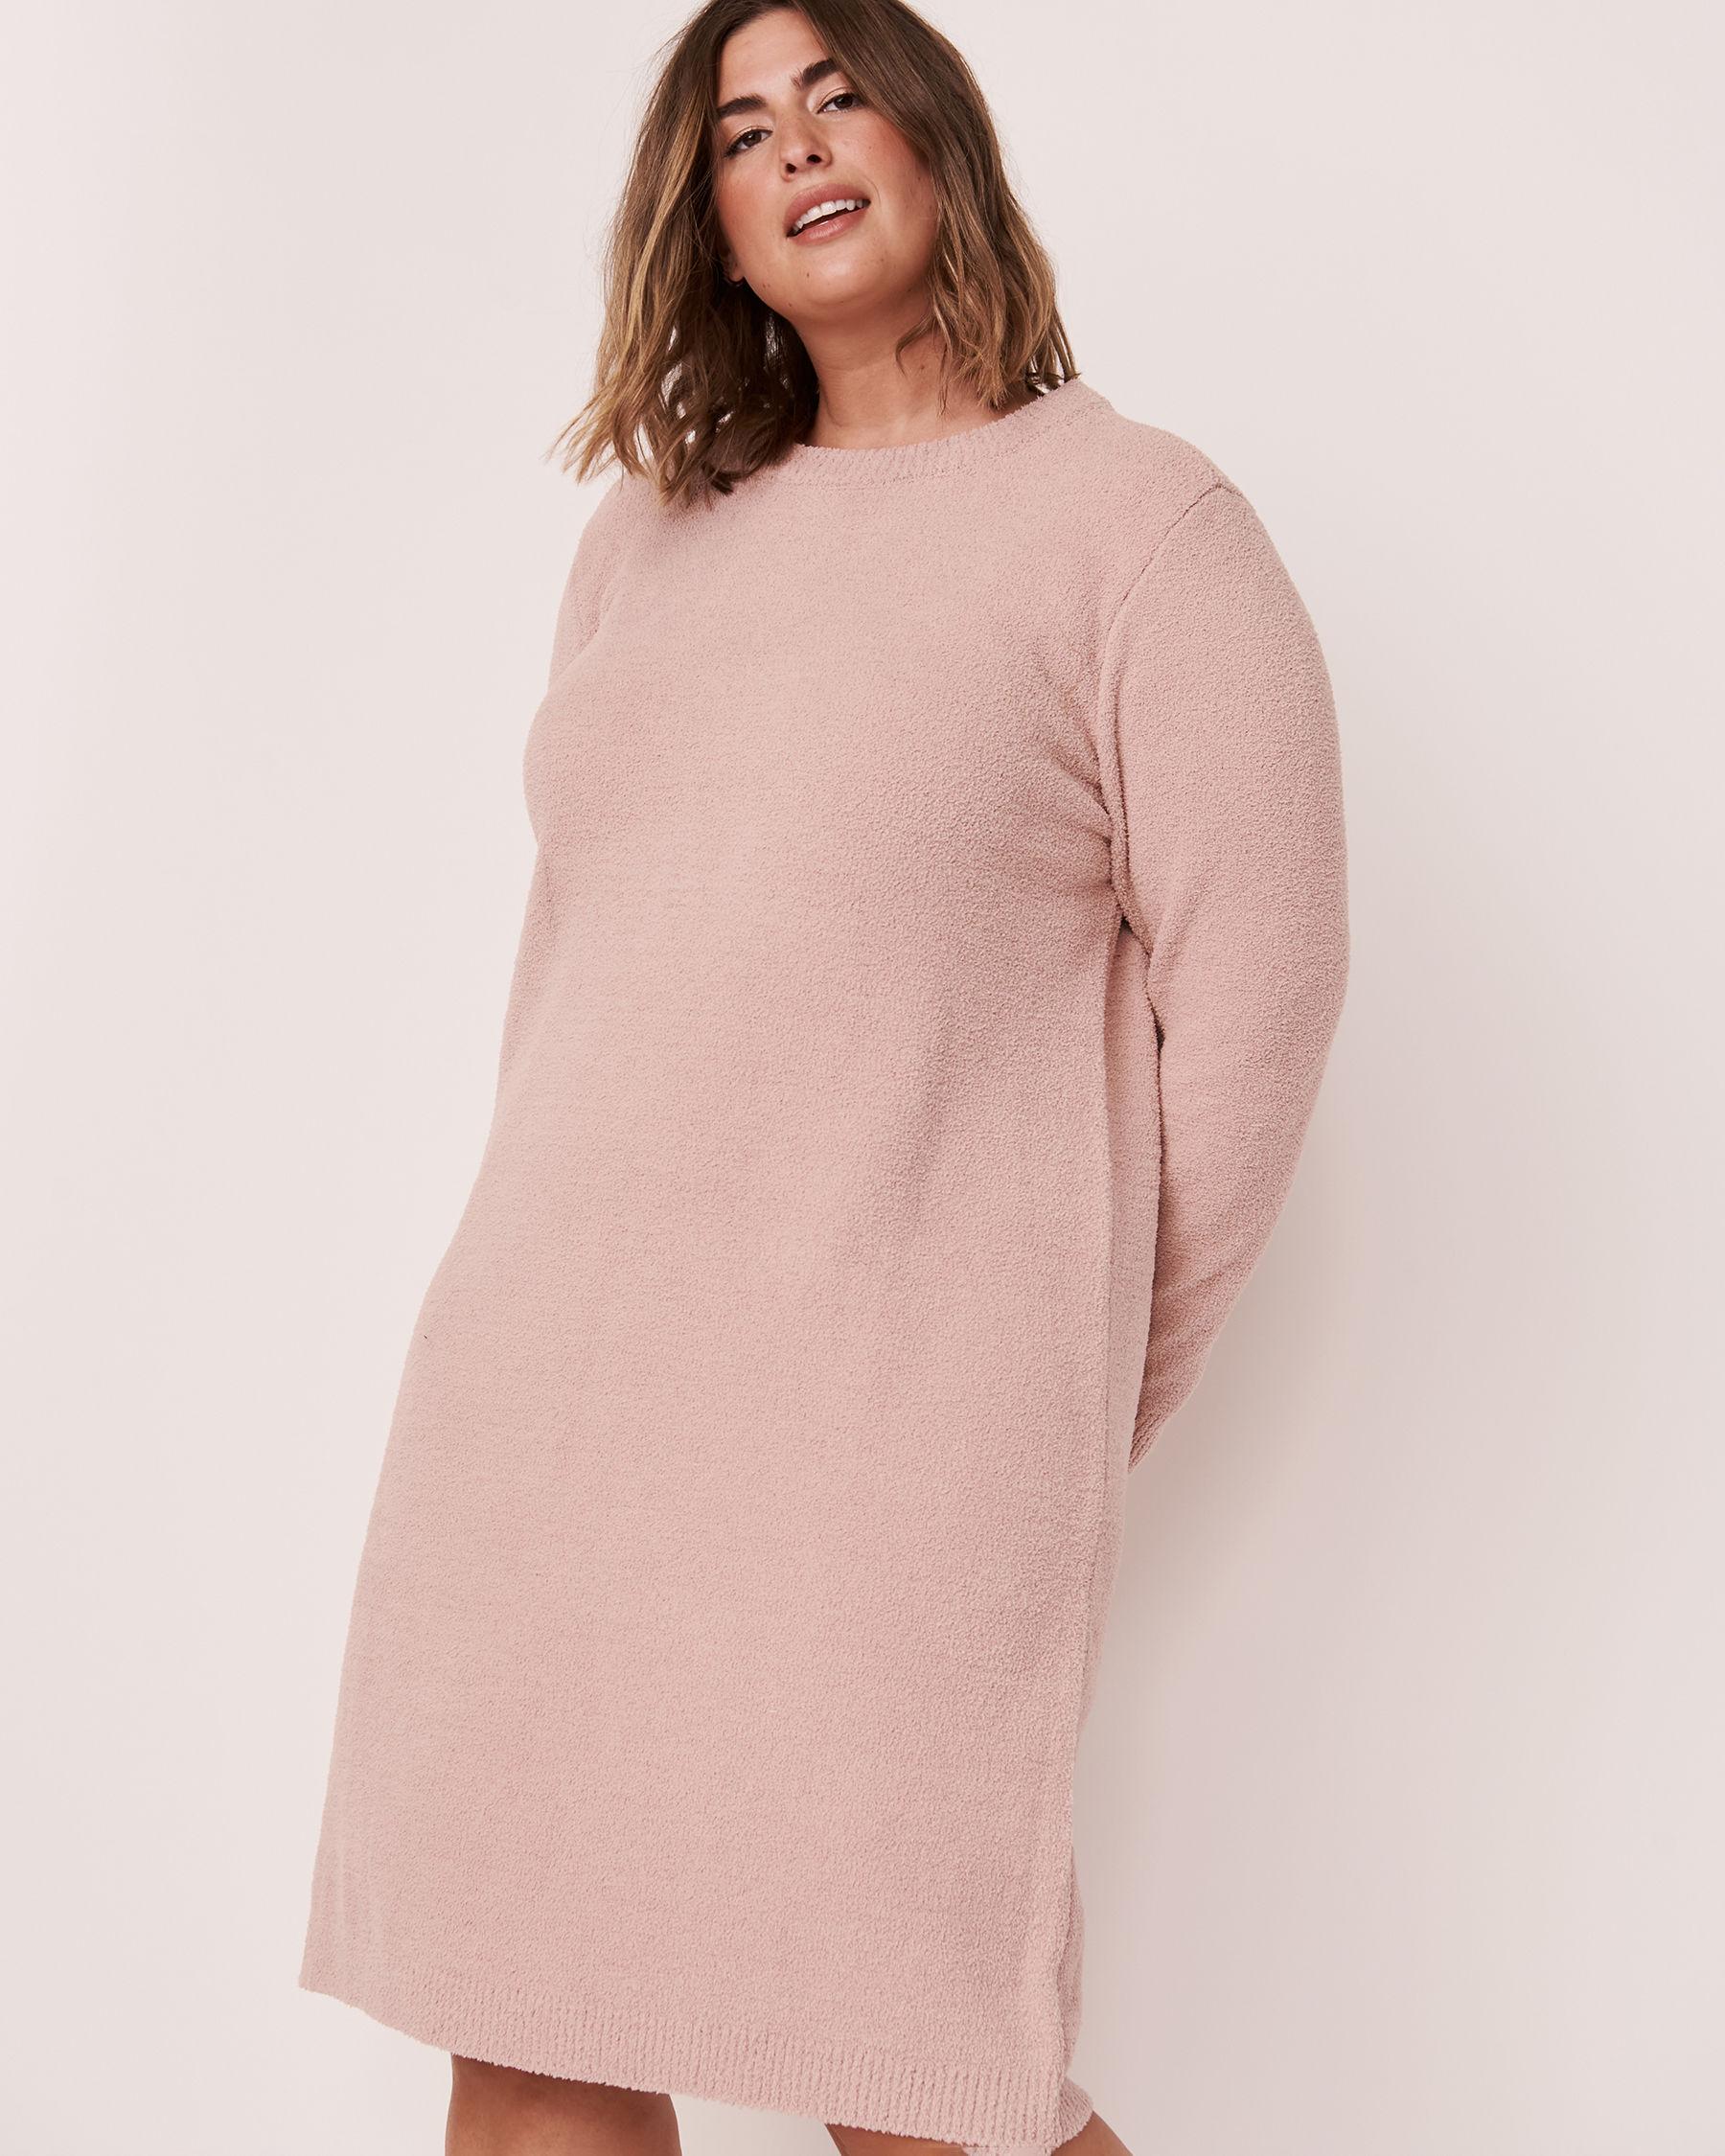 LA VIE EN ROSE Chenille Long Sleeve Dress Shadow grey 50400011 - View1